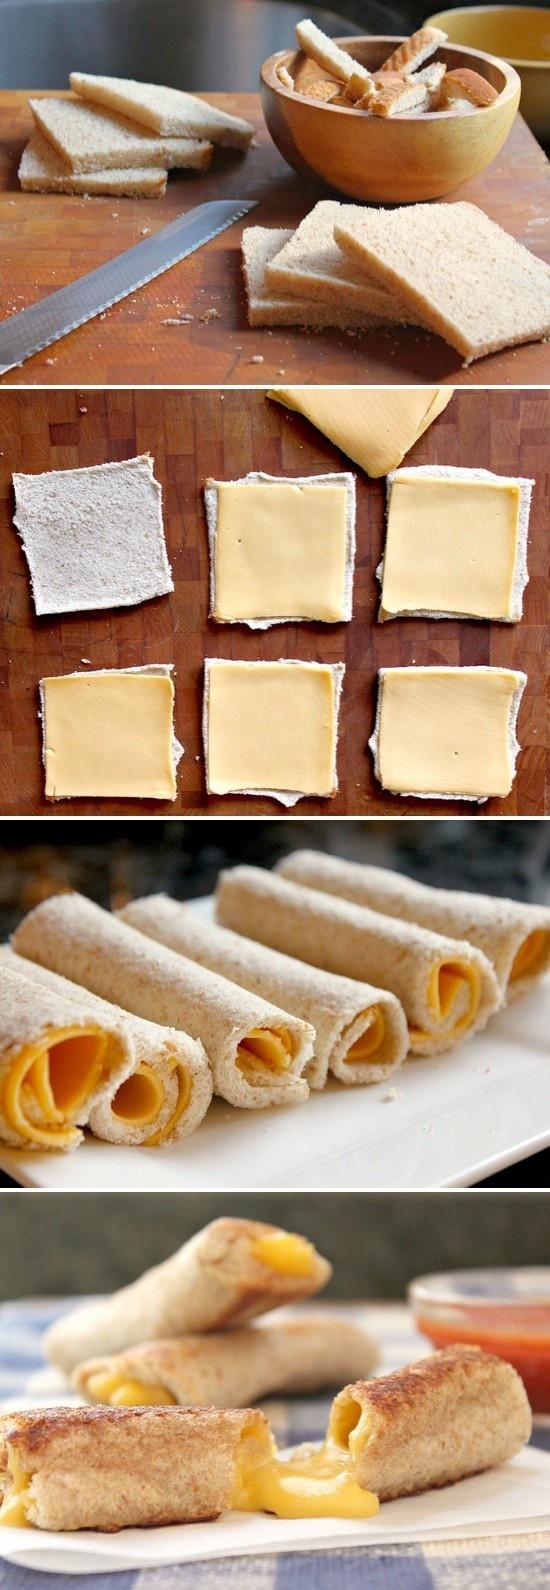 gegrilde kaas rolletjes van brood, lekker voor bij de soep!